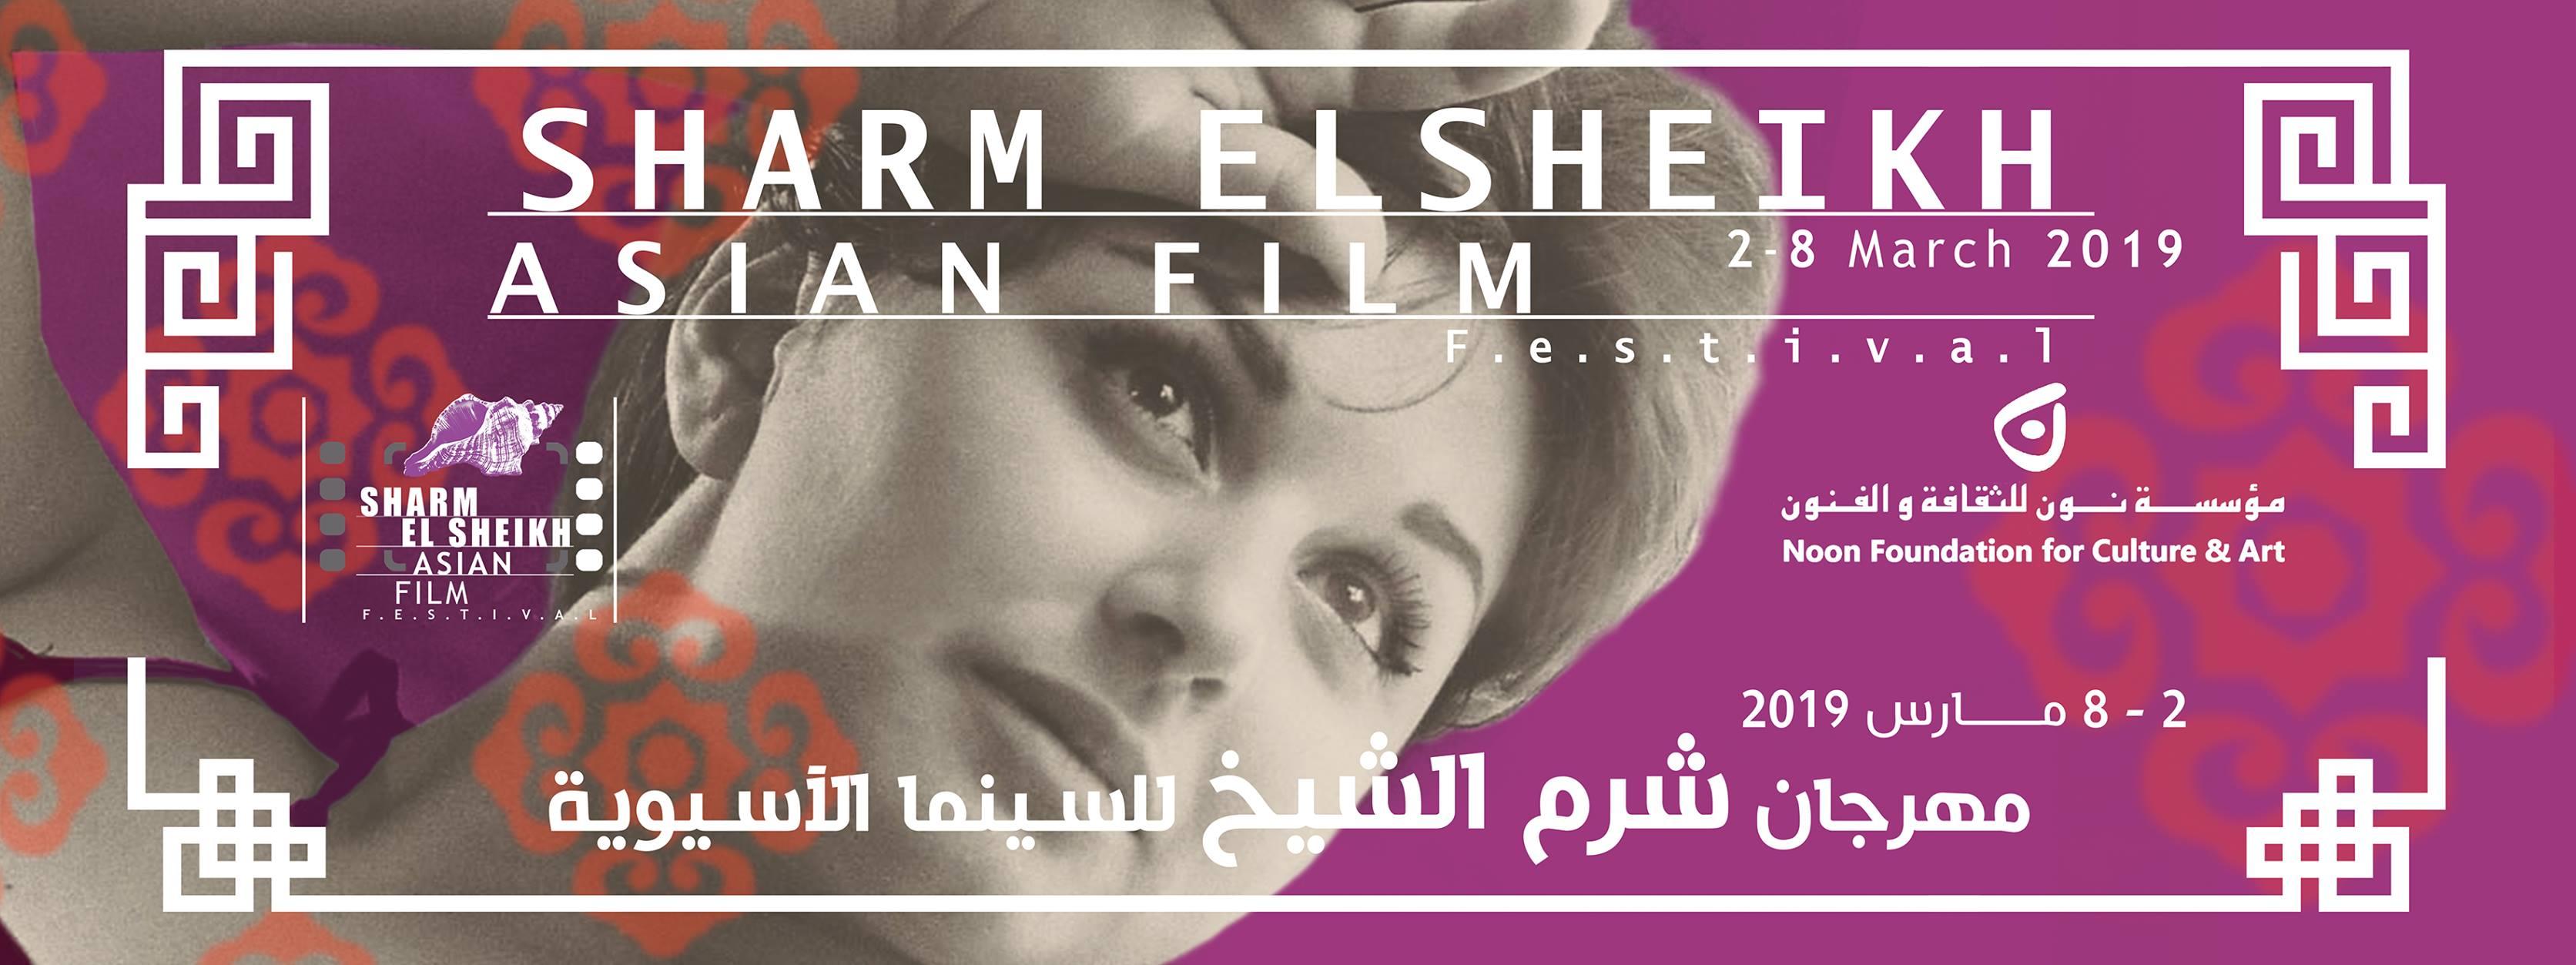 بوستر مهرجان شرم الشيخ للسينما الآسيوية ( الصفحة الرسمية للمهرجان على فيسبوك)